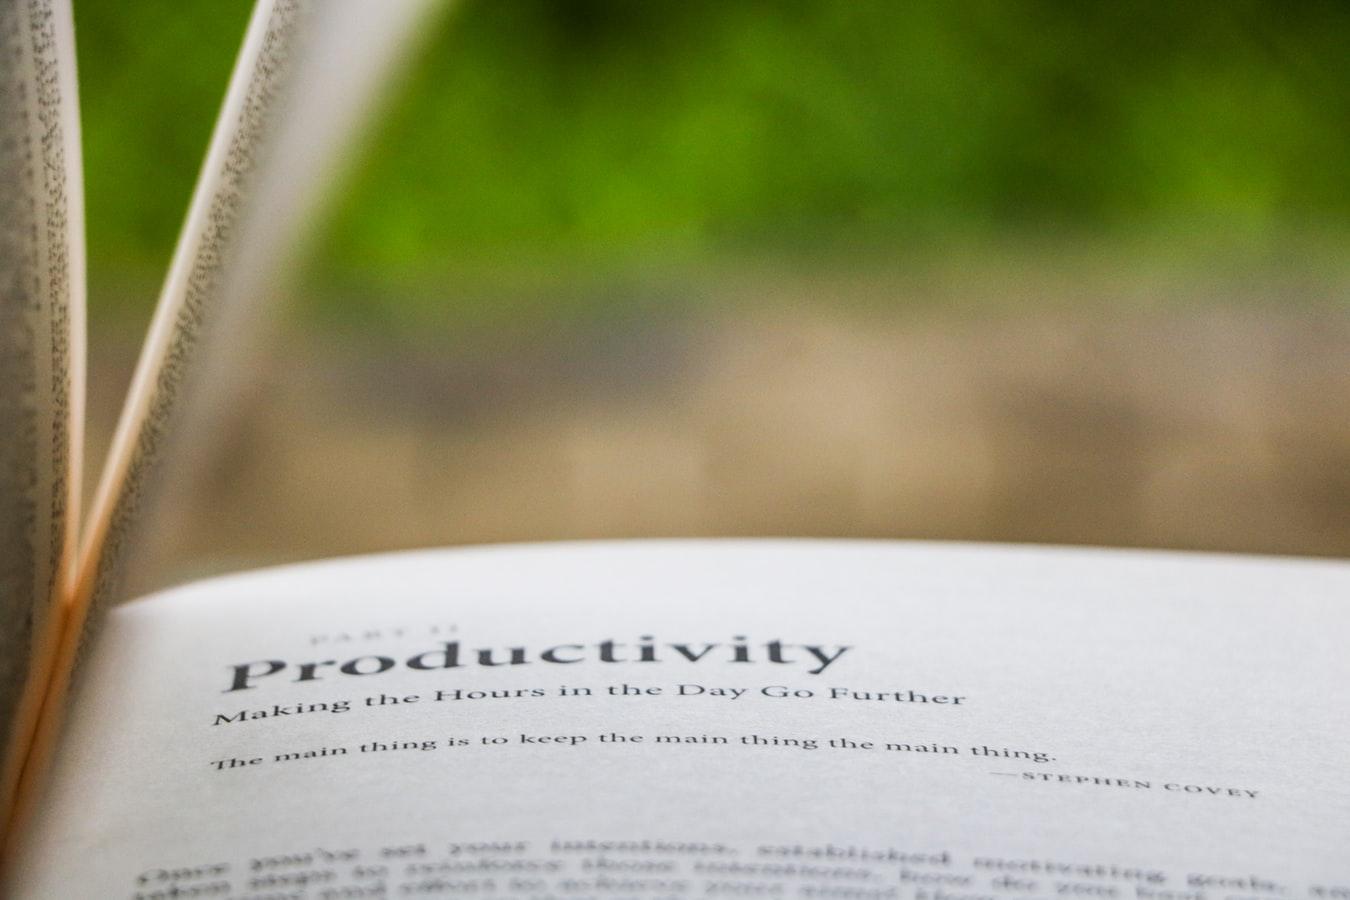 Track Key - Productivity